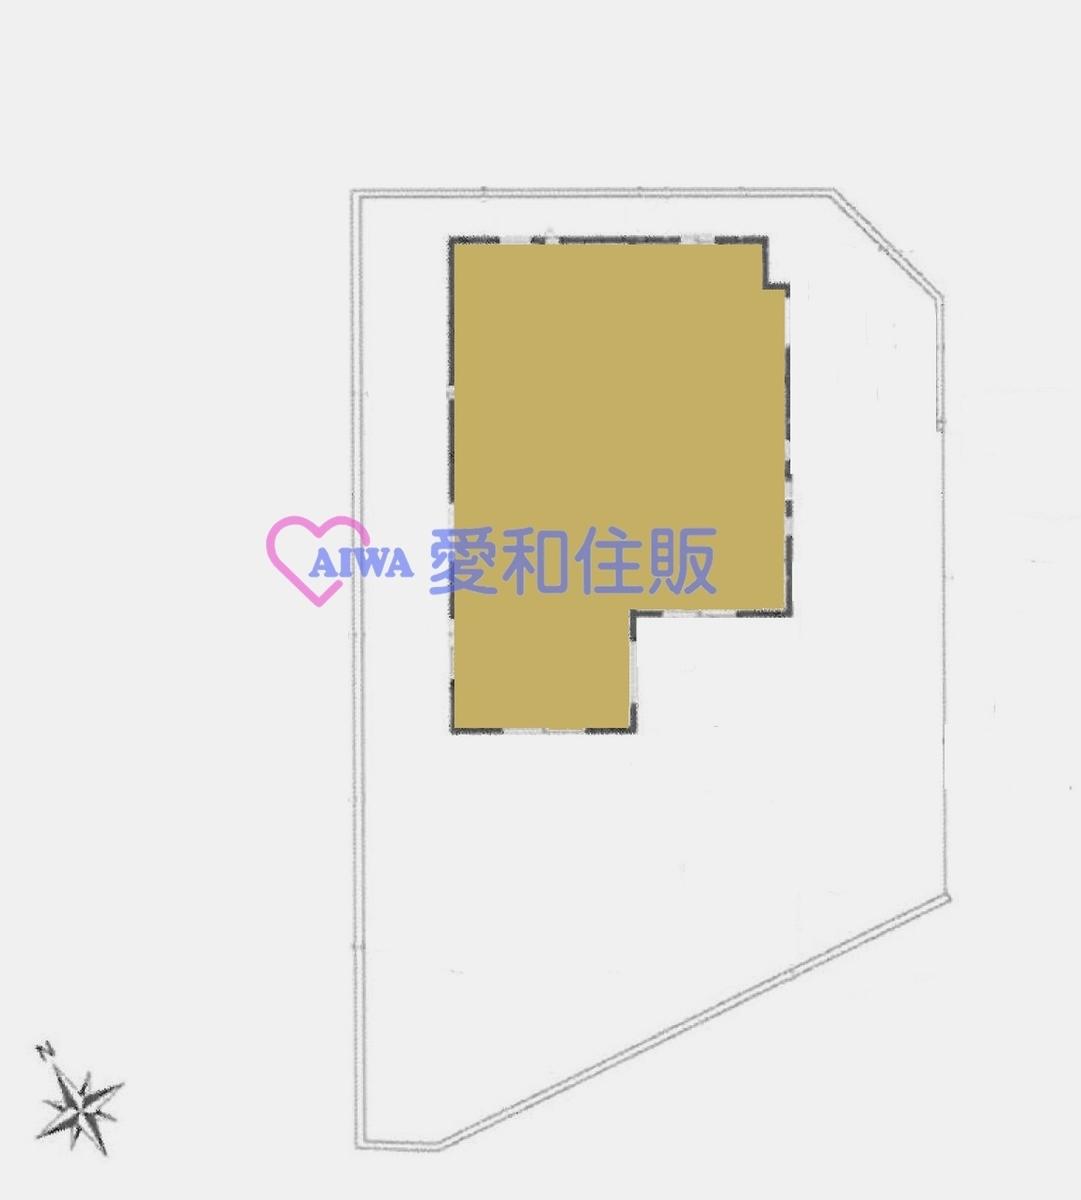 鶴ヶ島市五味ケ谷新築一戸建て建売物件の区画図